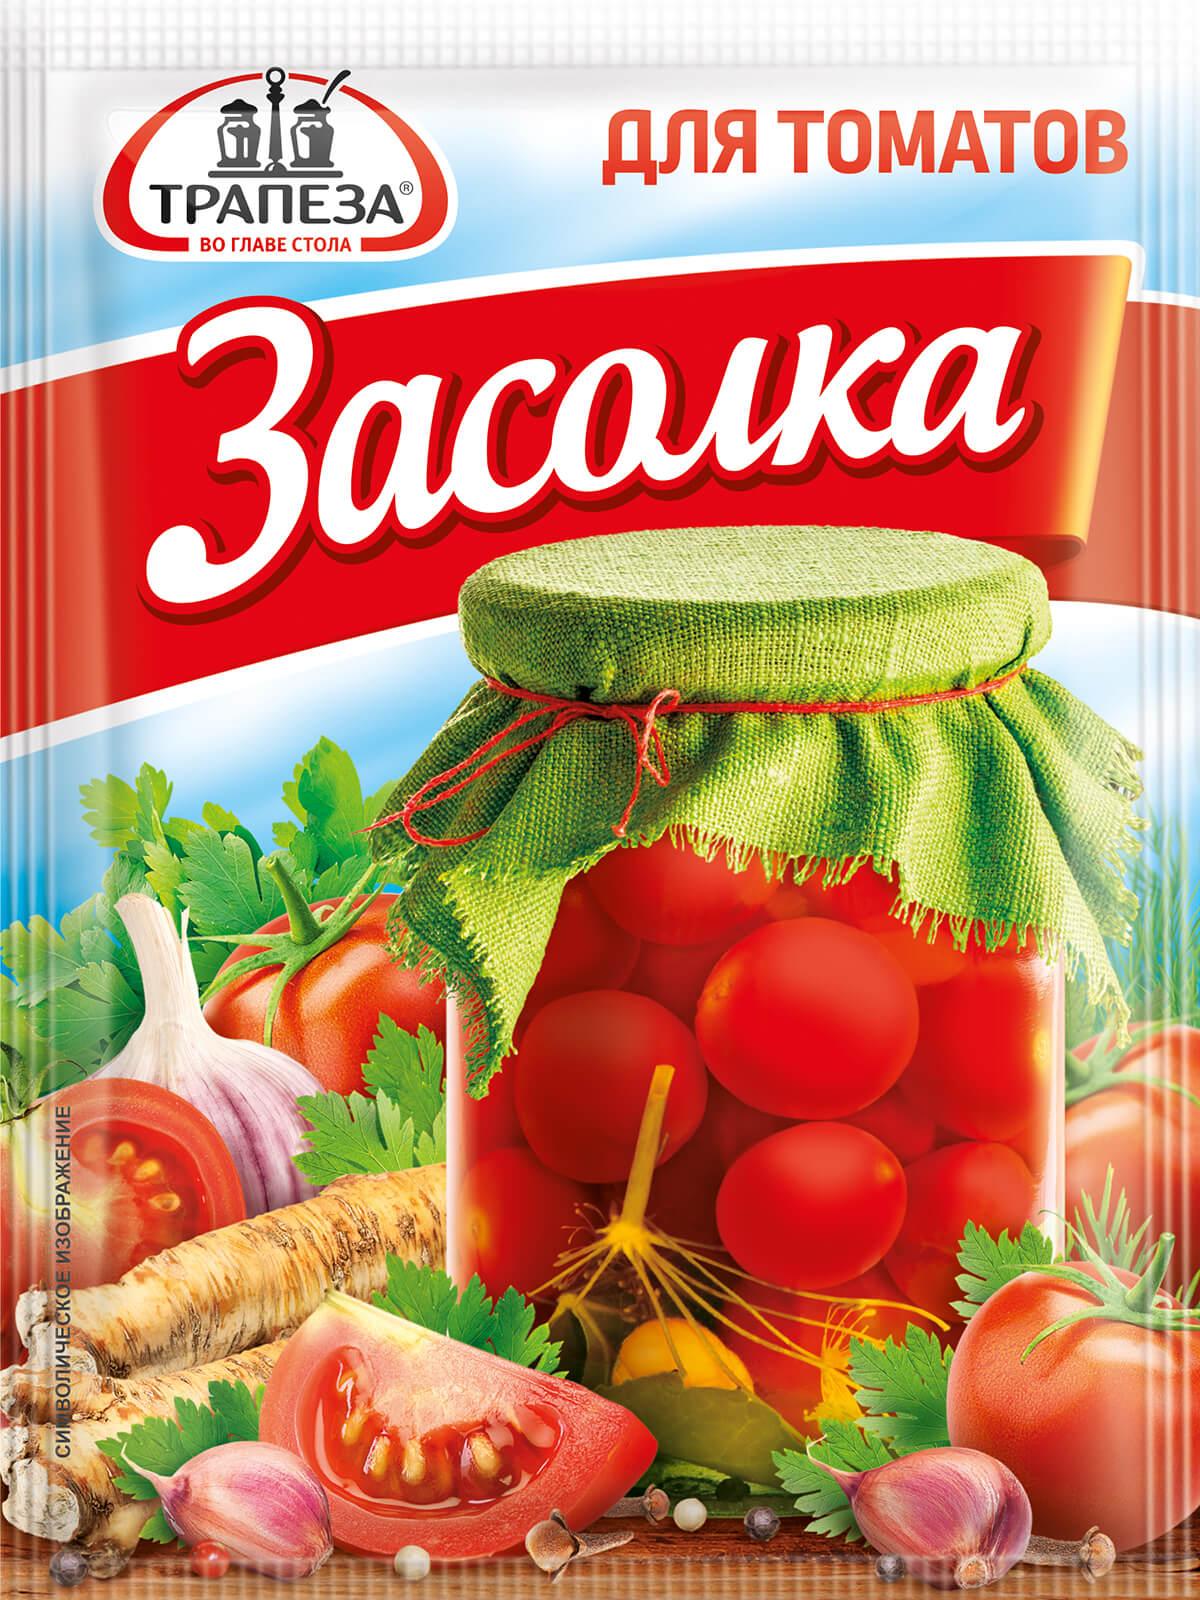 Приправа для засолки томатов Трапеза